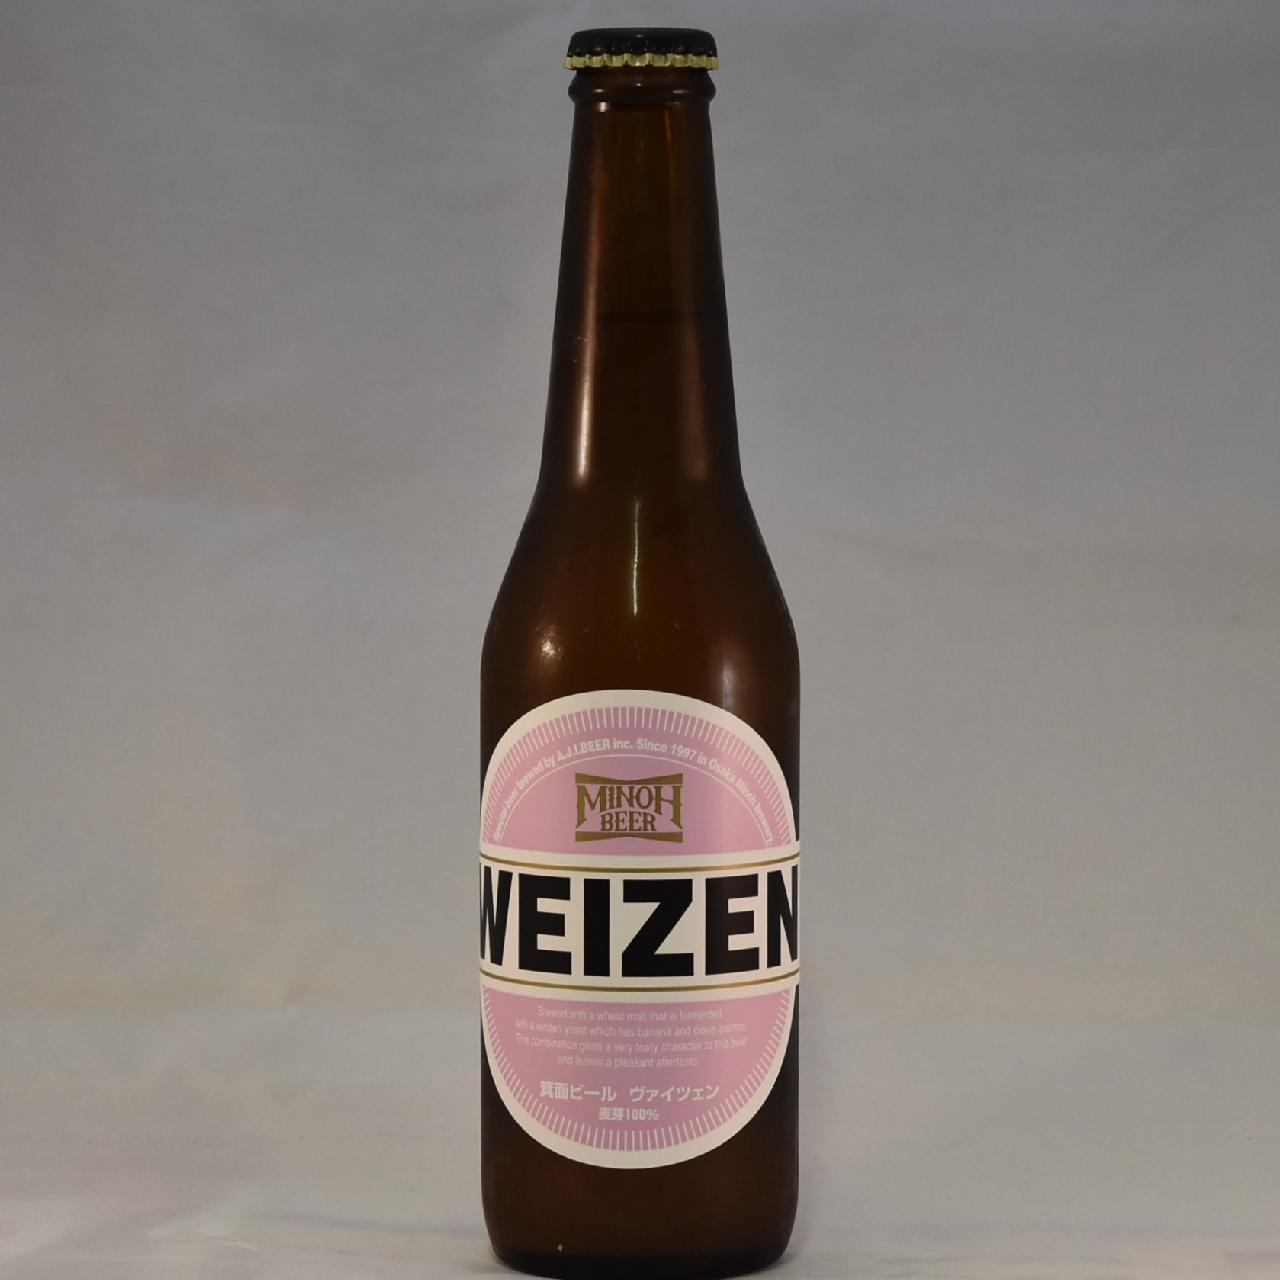 箕面ビール ヴァイツェン 330ml